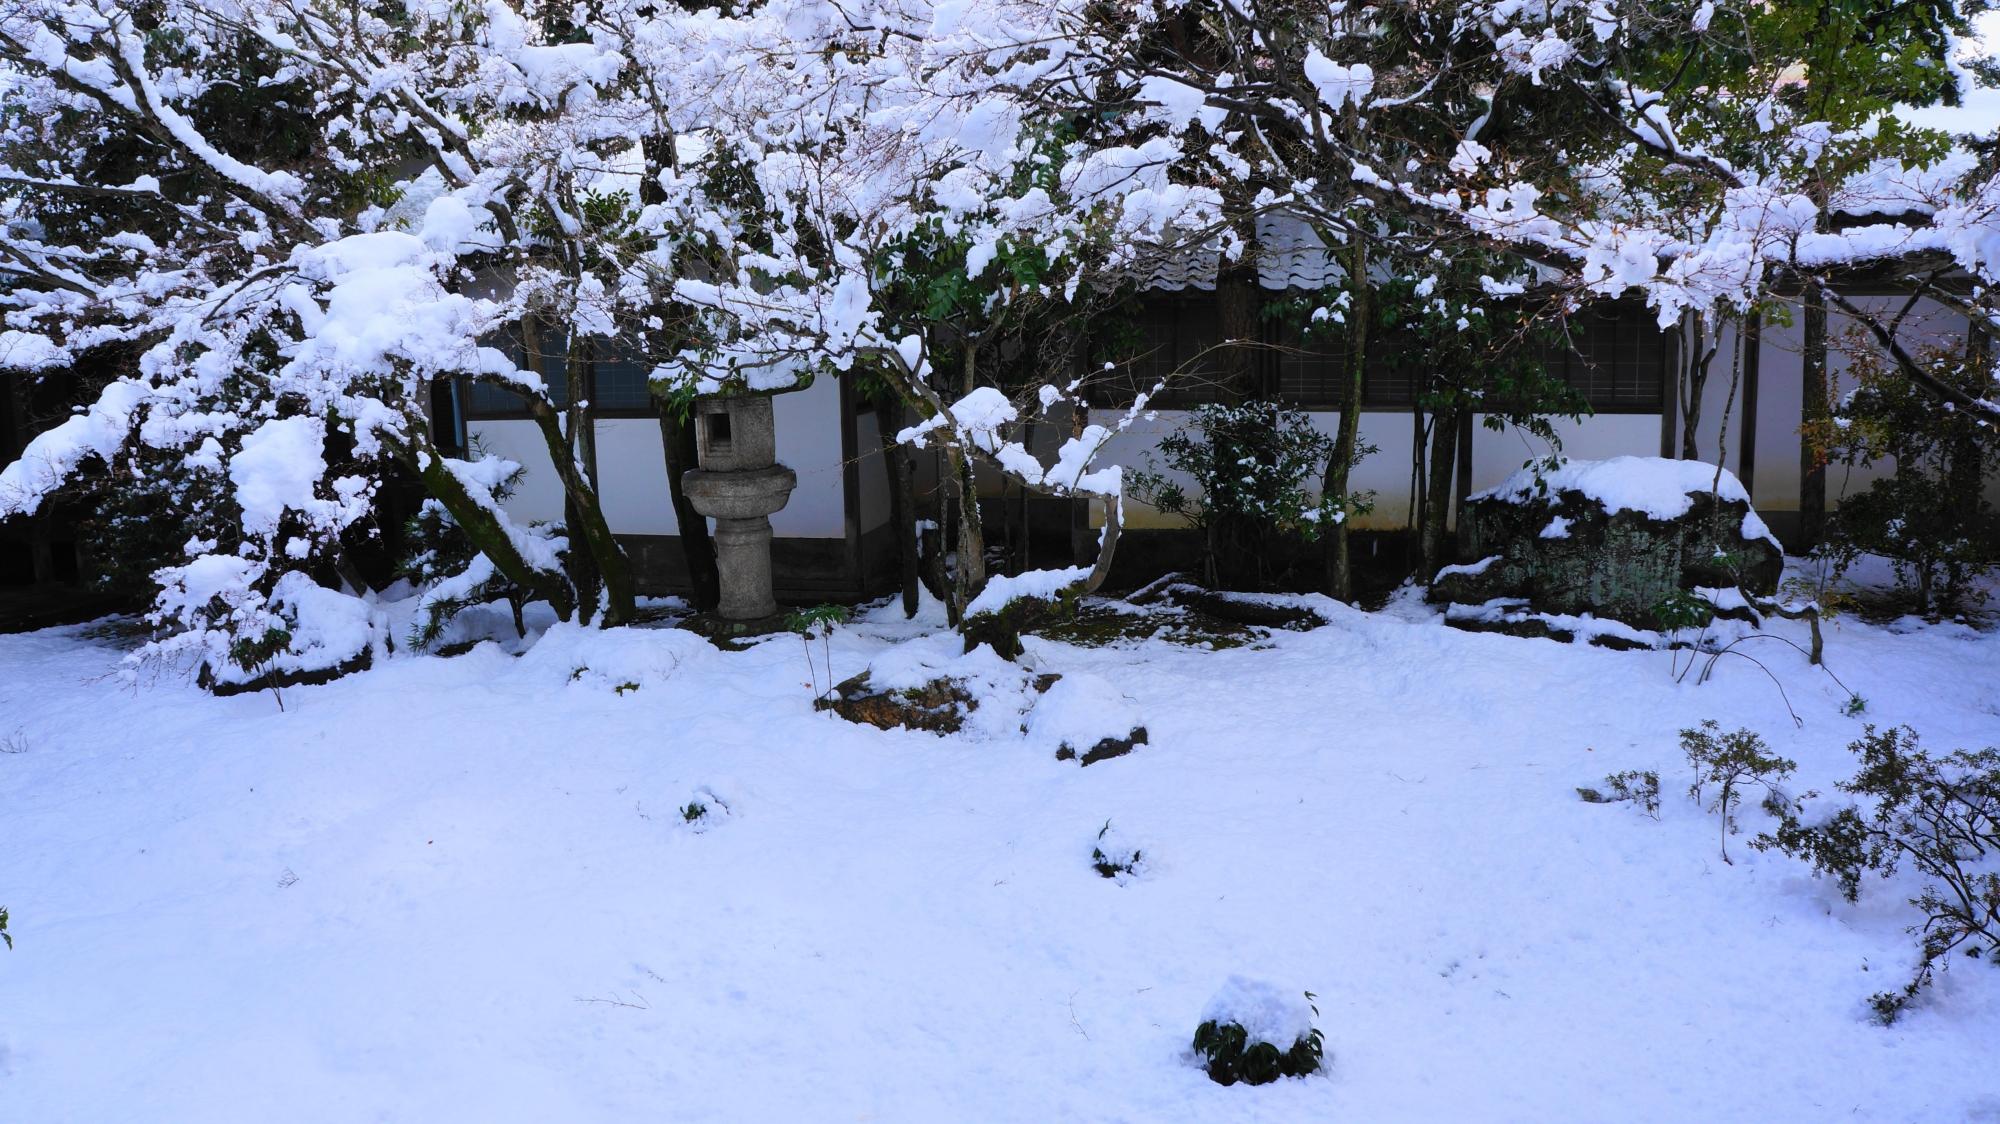 真っ白な雪に覆われた蟷螂や木々